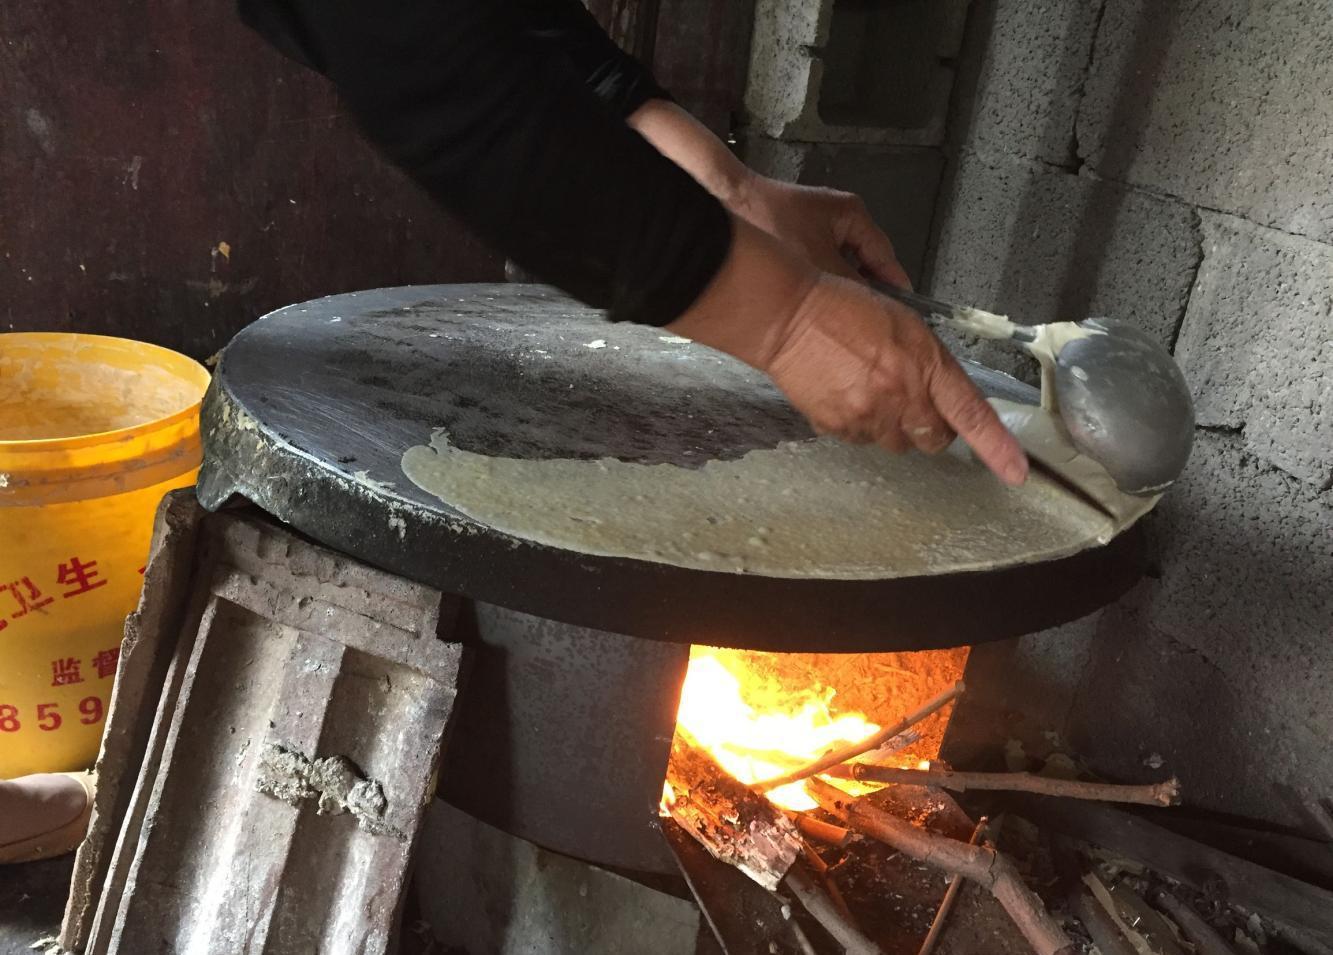 """支起鏊子做煎饼, 鏊子跟前还有一种美食是""""煎饼卷子""""图片"""